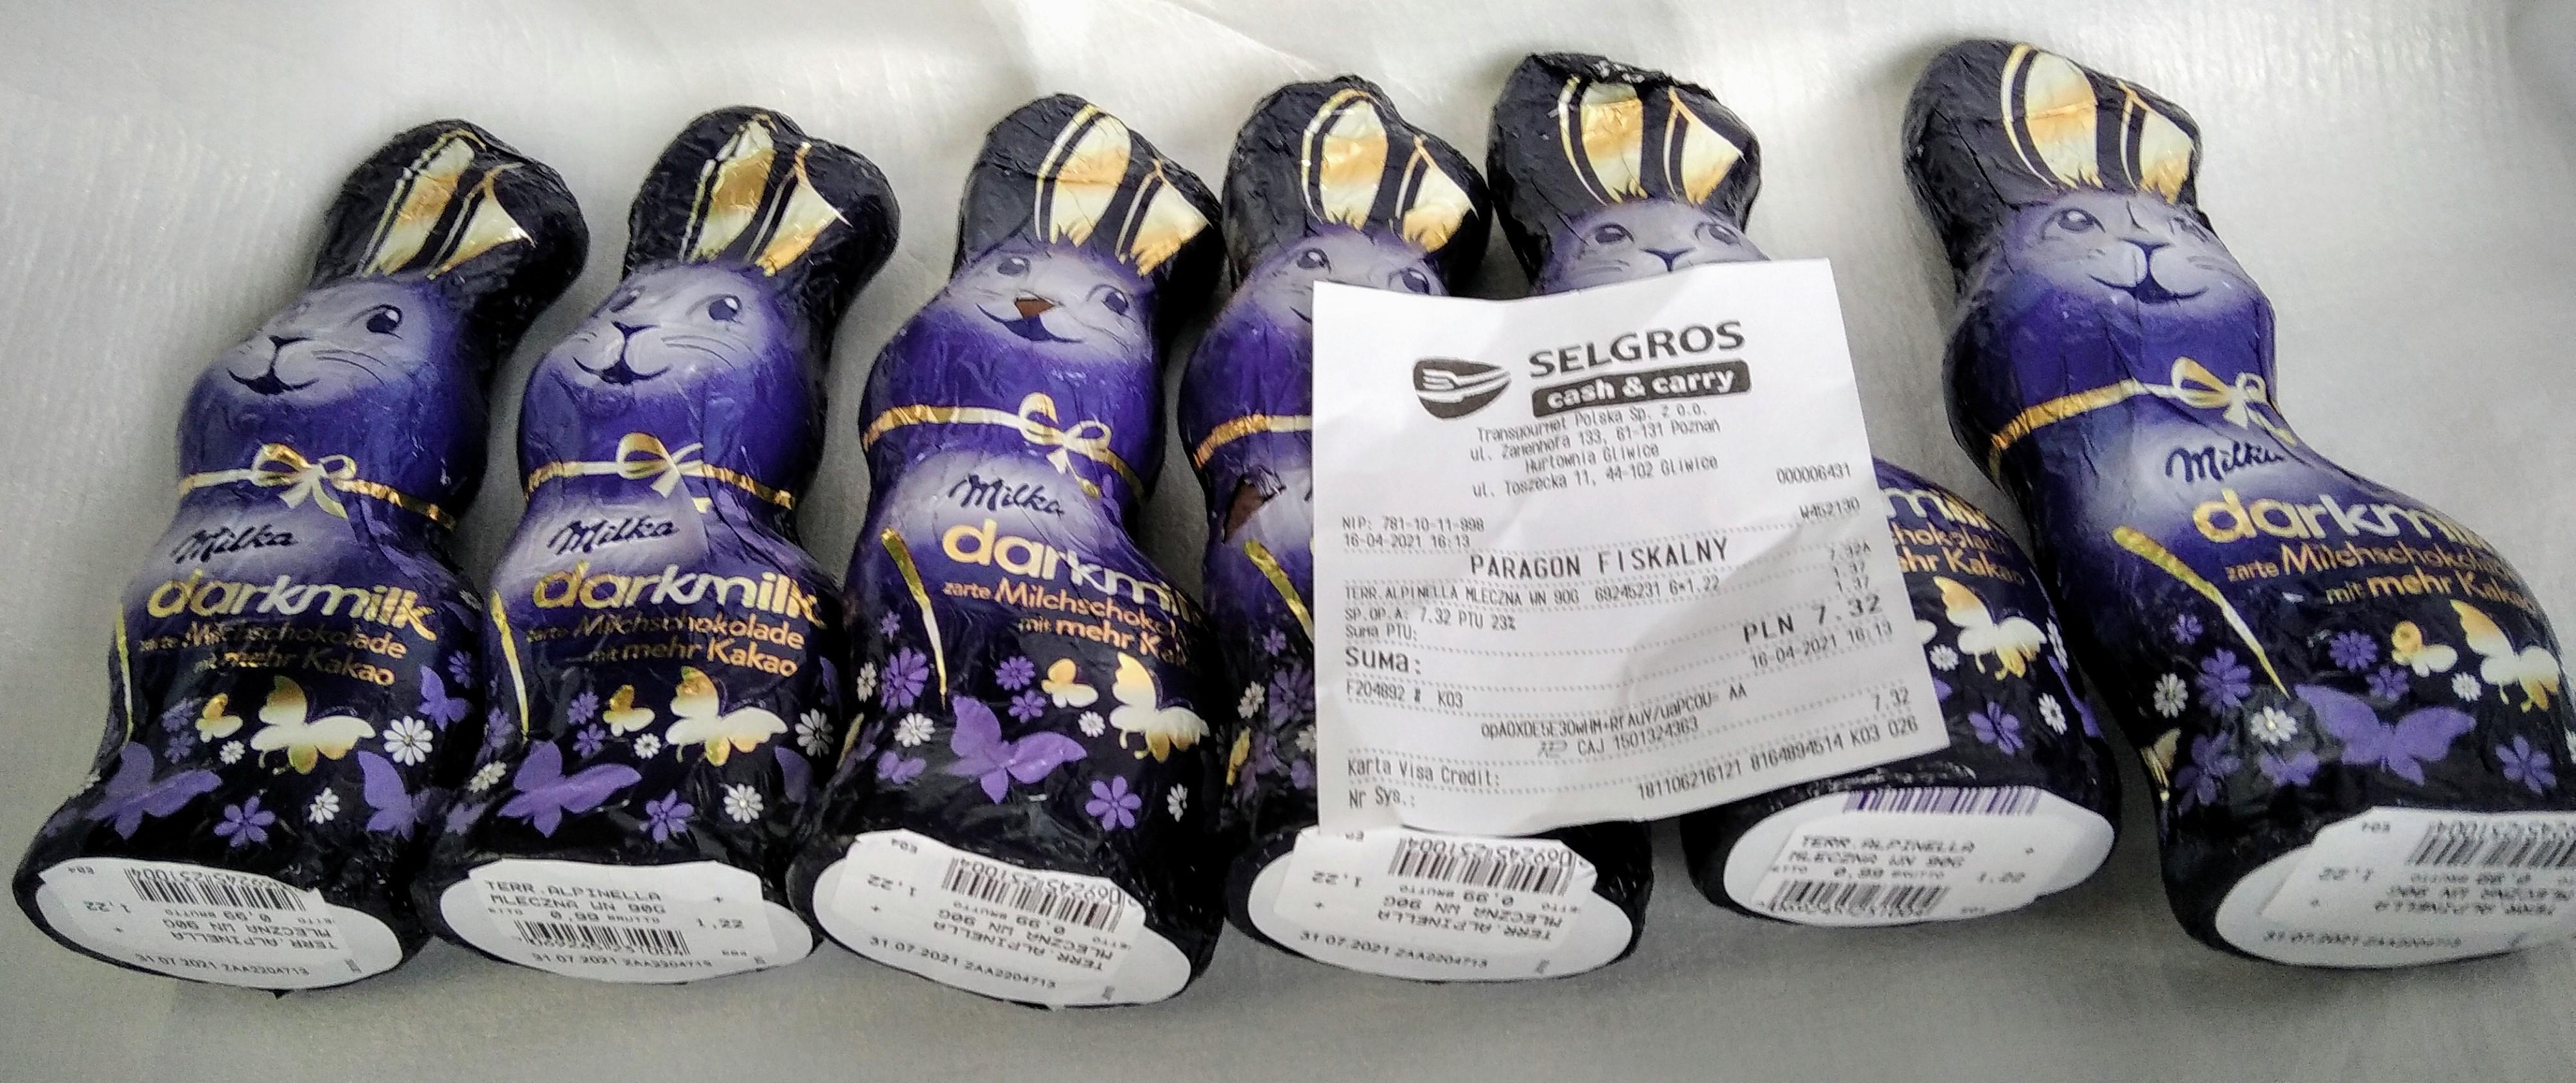 Zajączek Milka Darkmilk 100 g, czekolada mleczna - masa kakaowa minimum 40% , Selgros Gliwice ul. Toszecka